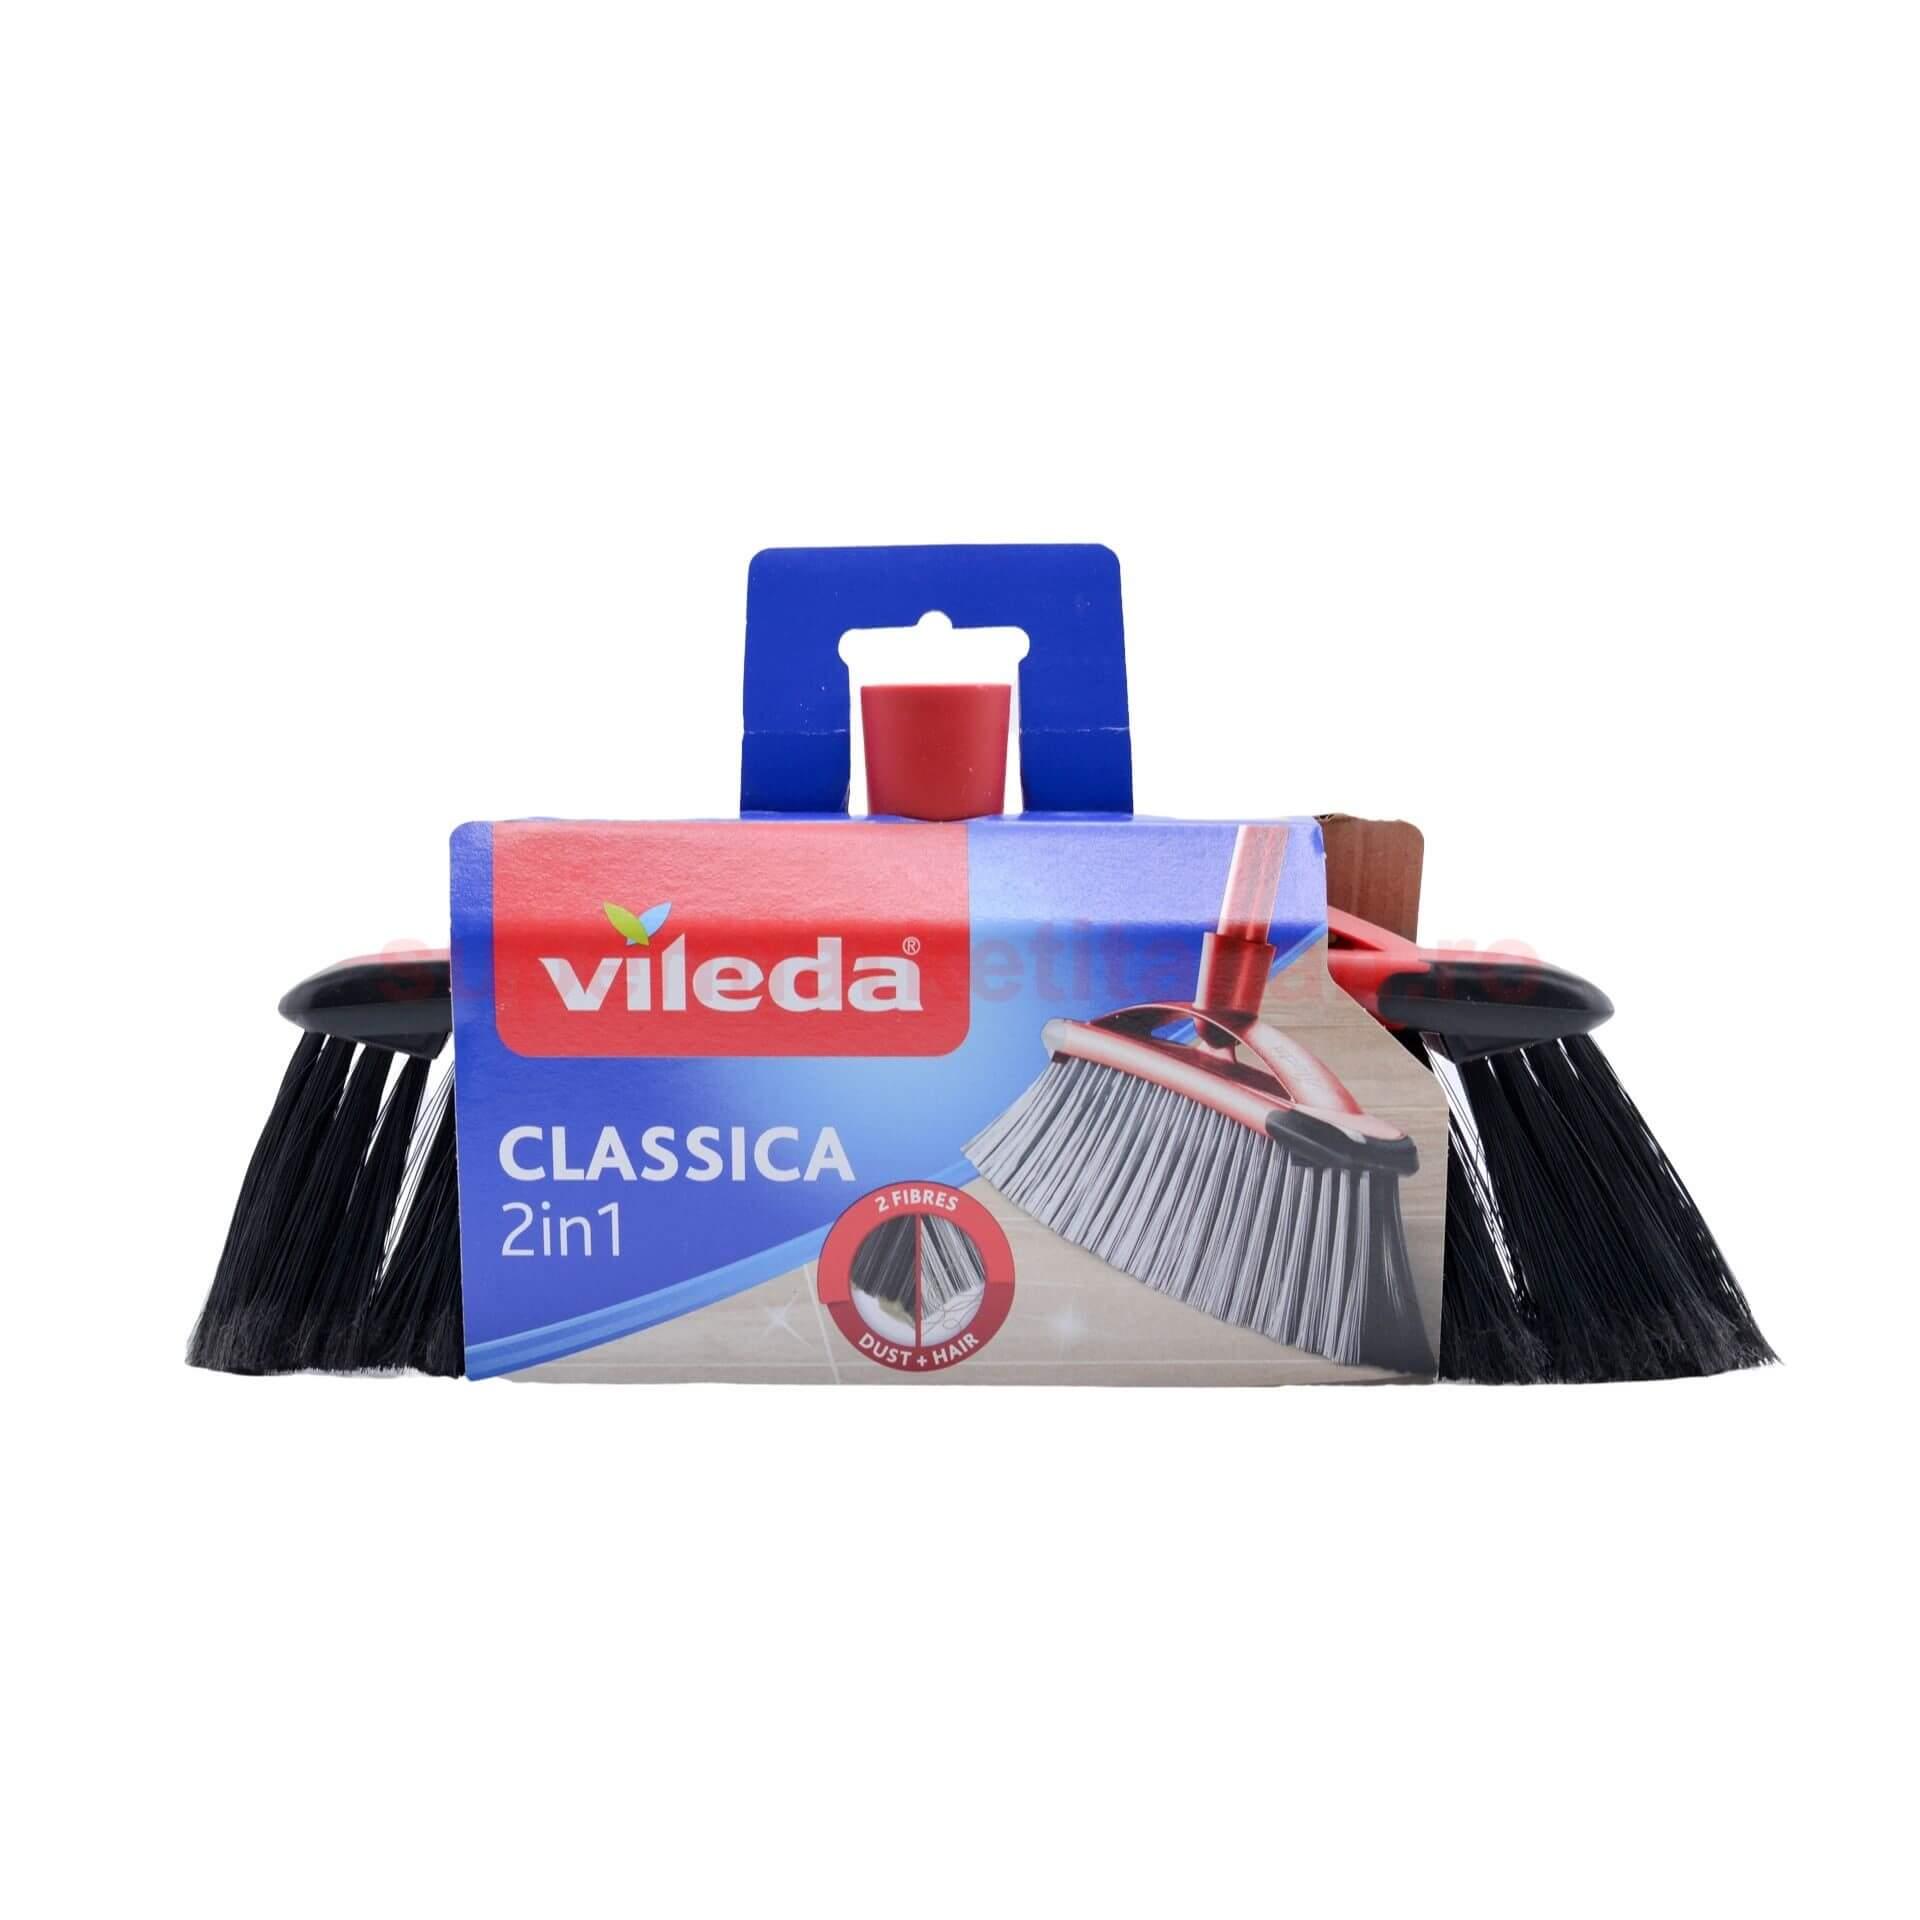 Matura Vileda Clasisca 2 in 1 pentru praf si pentru par 4023103095908 1